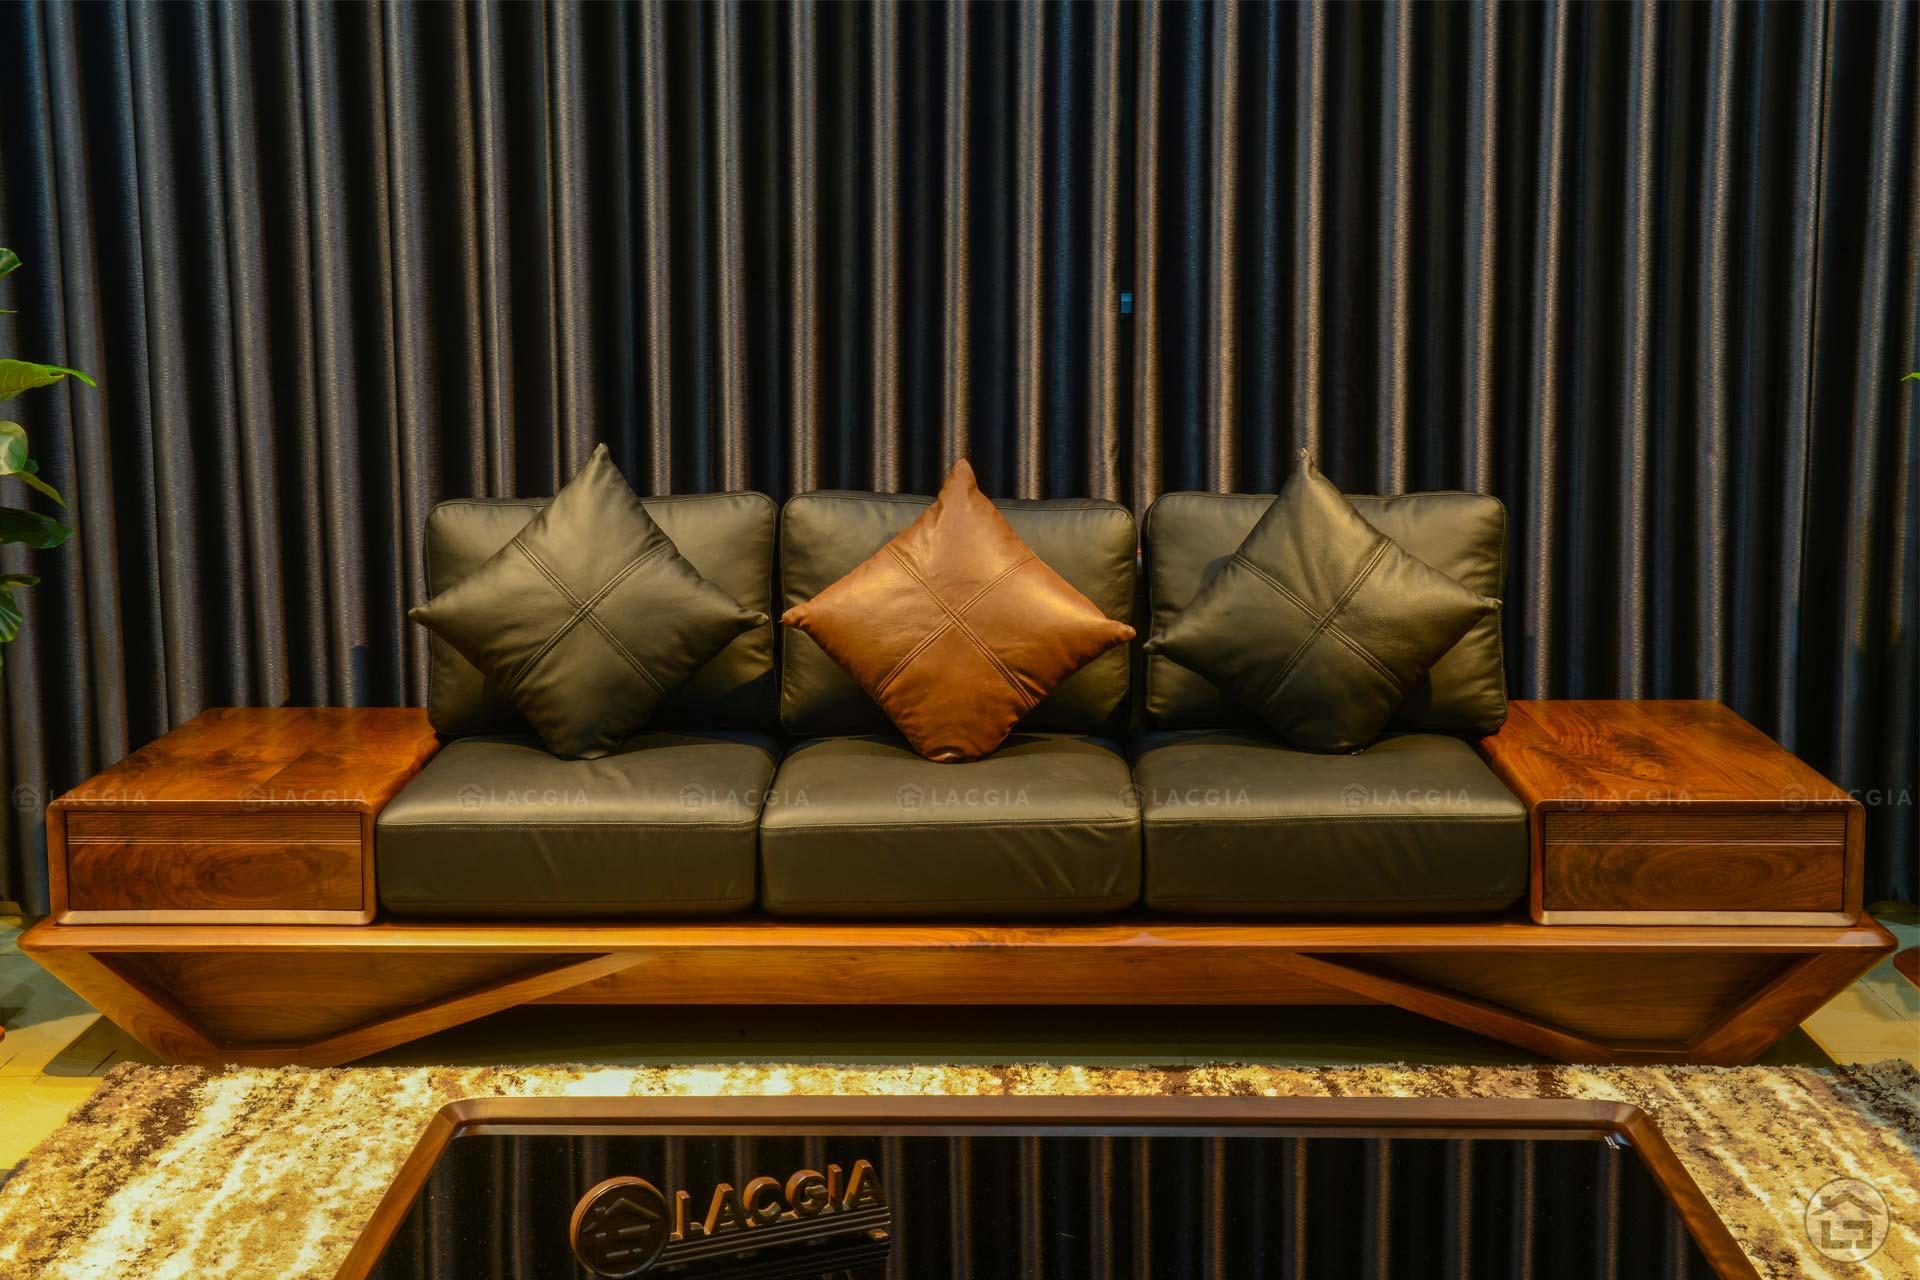 sofa go oc cho cao cap sf29 plus 3 - Sofa gỗ óc chó cao cấp SF29 Plus